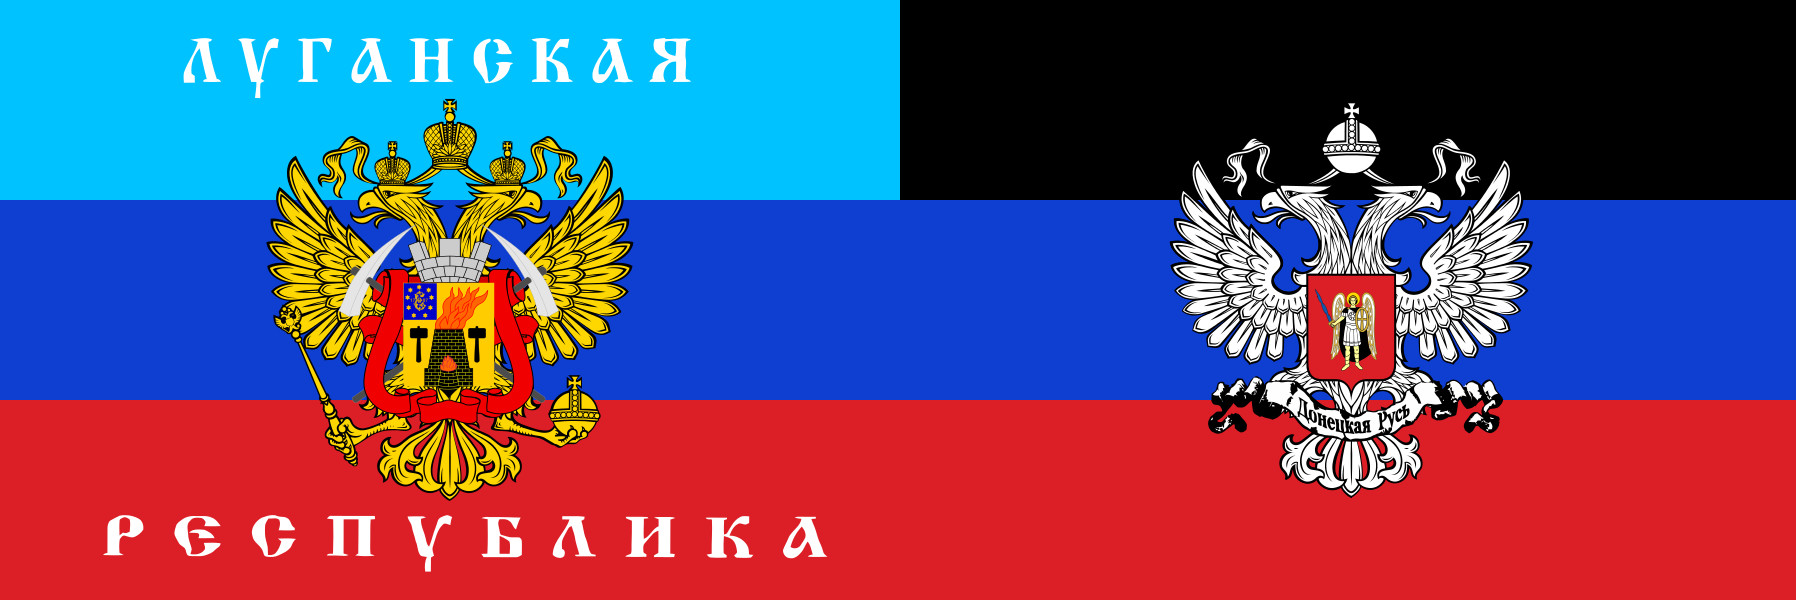 Naujų pseudorespublikų vėliavos pagal bendrą kurpalių